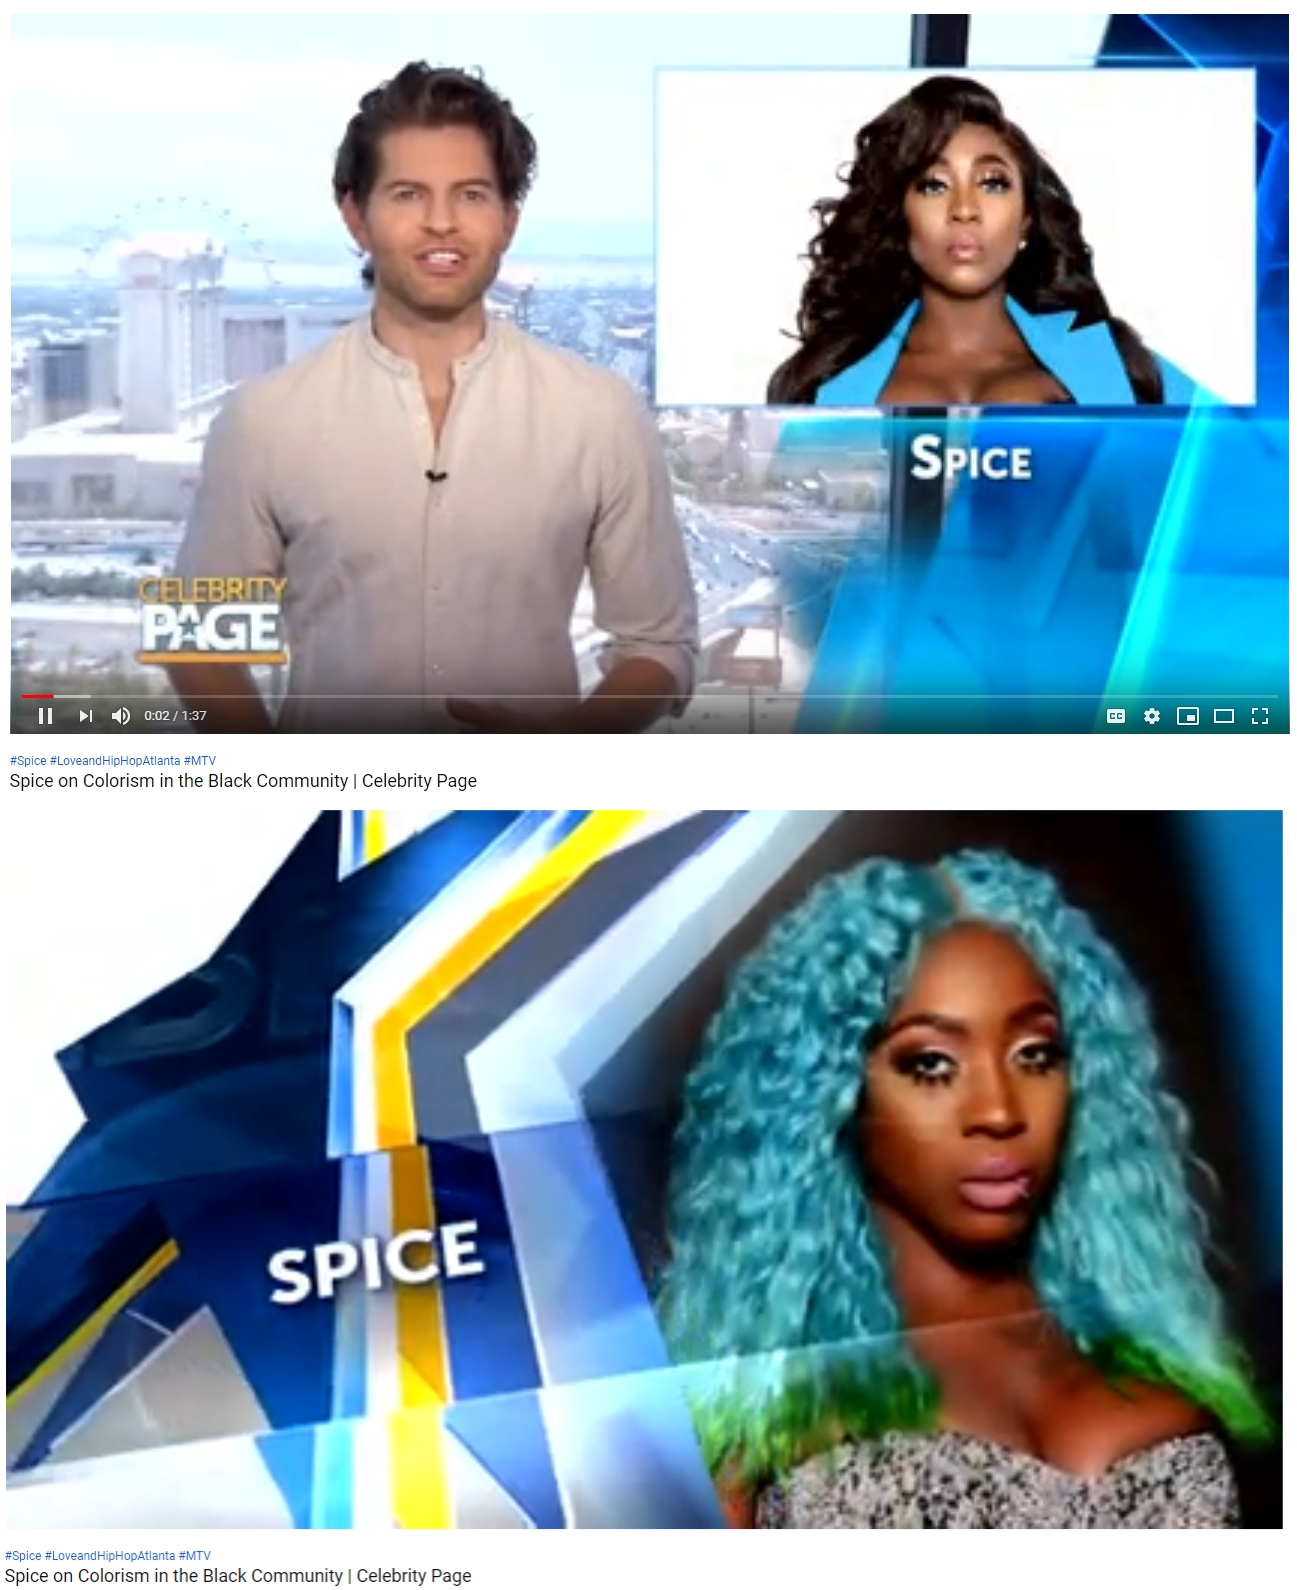 Spice on celeprity page.jpg